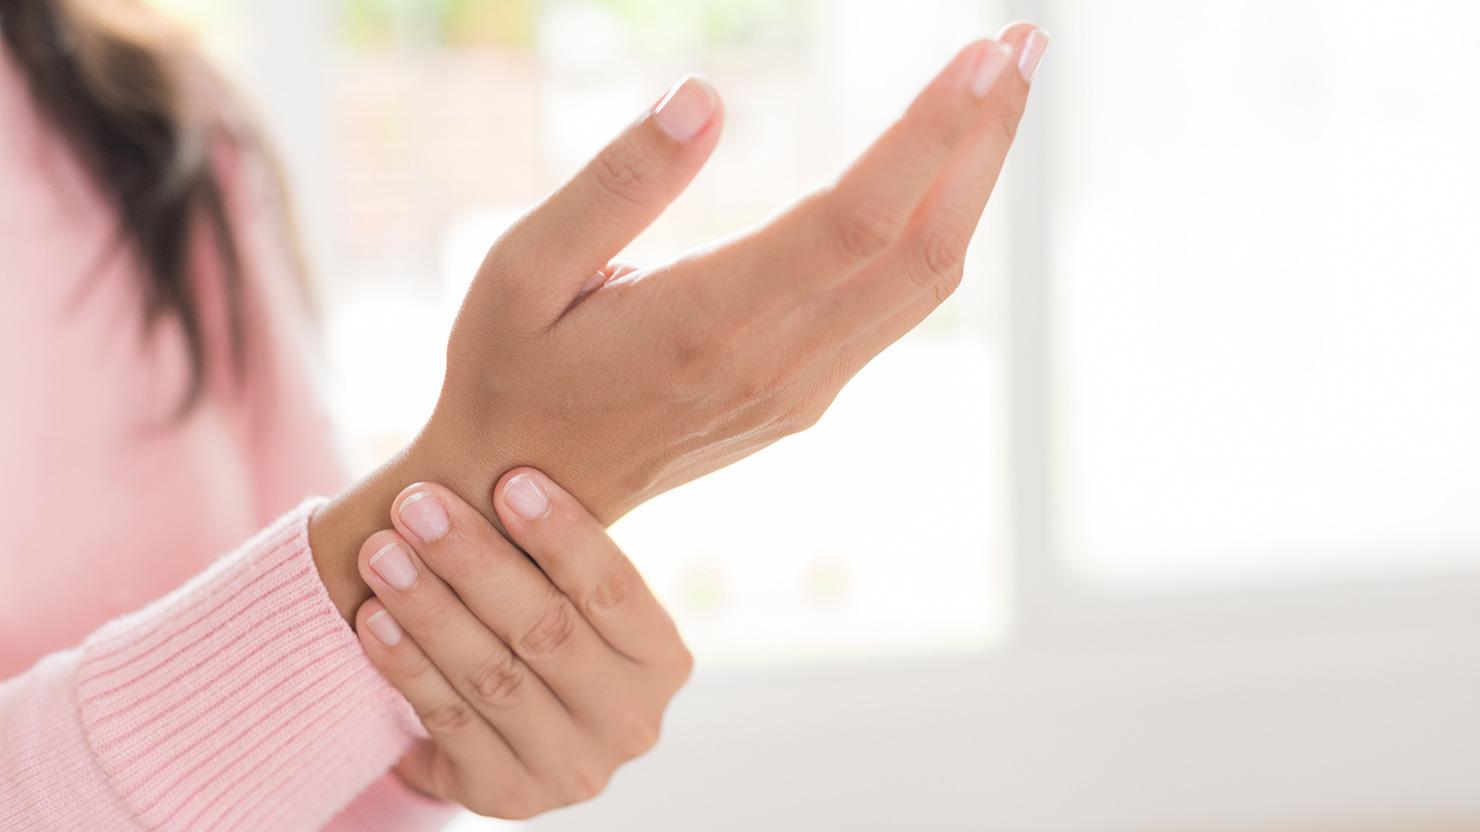 つる 病気 手 前兆 の が 指